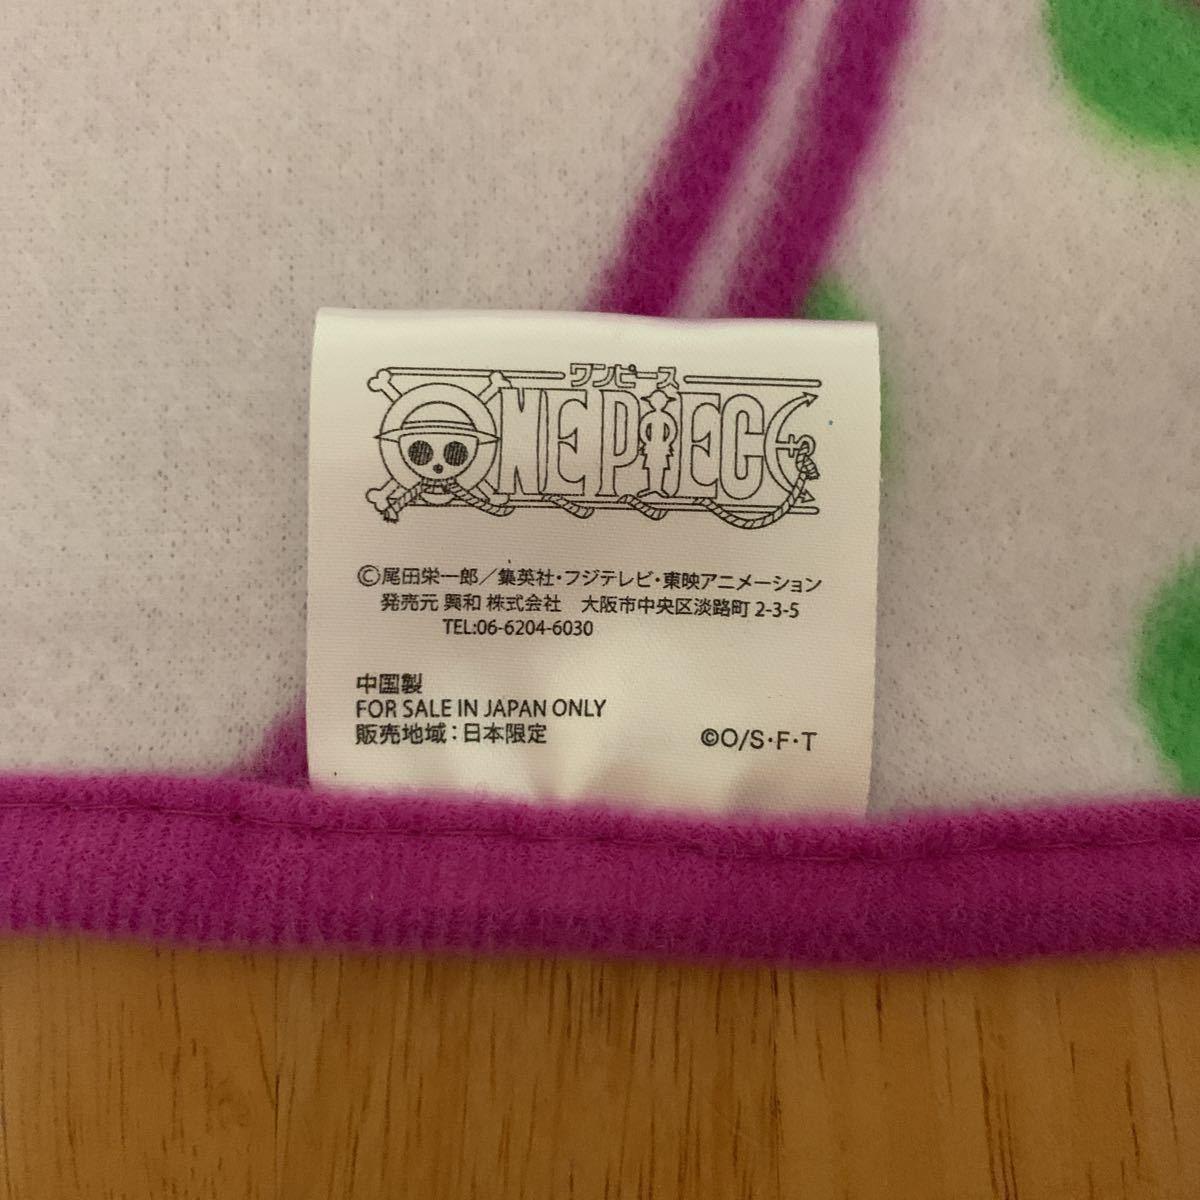 毛布 ブランケット ワンピース トニートニーチョッパー サイズ 縦146センチ 横108センチ 可愛い 新品 未使用品 送料無料